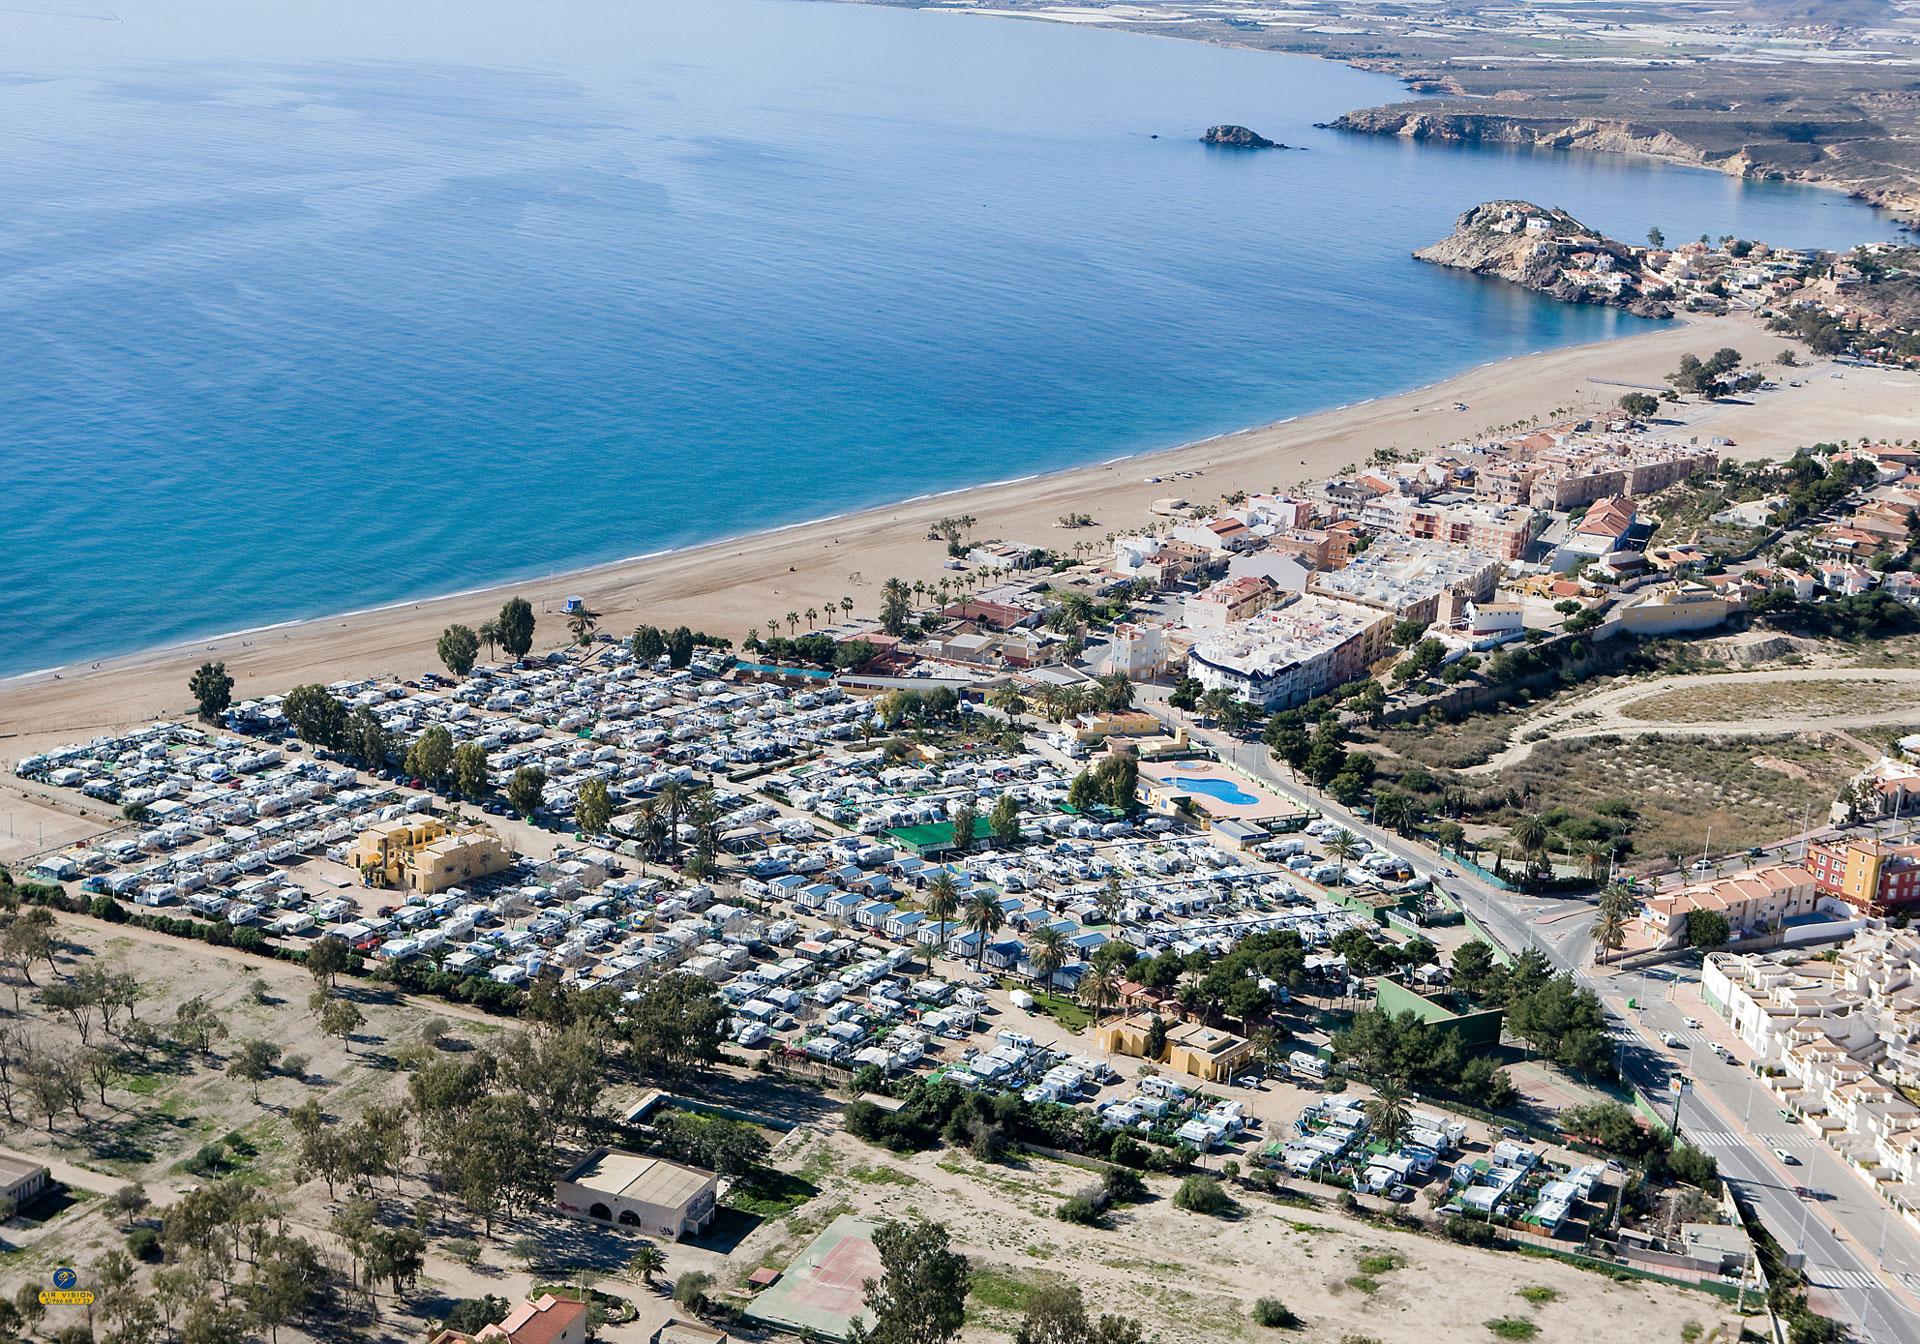 Camping Playa de Mazarron, vacaciones de ensueño en un entorno natural único